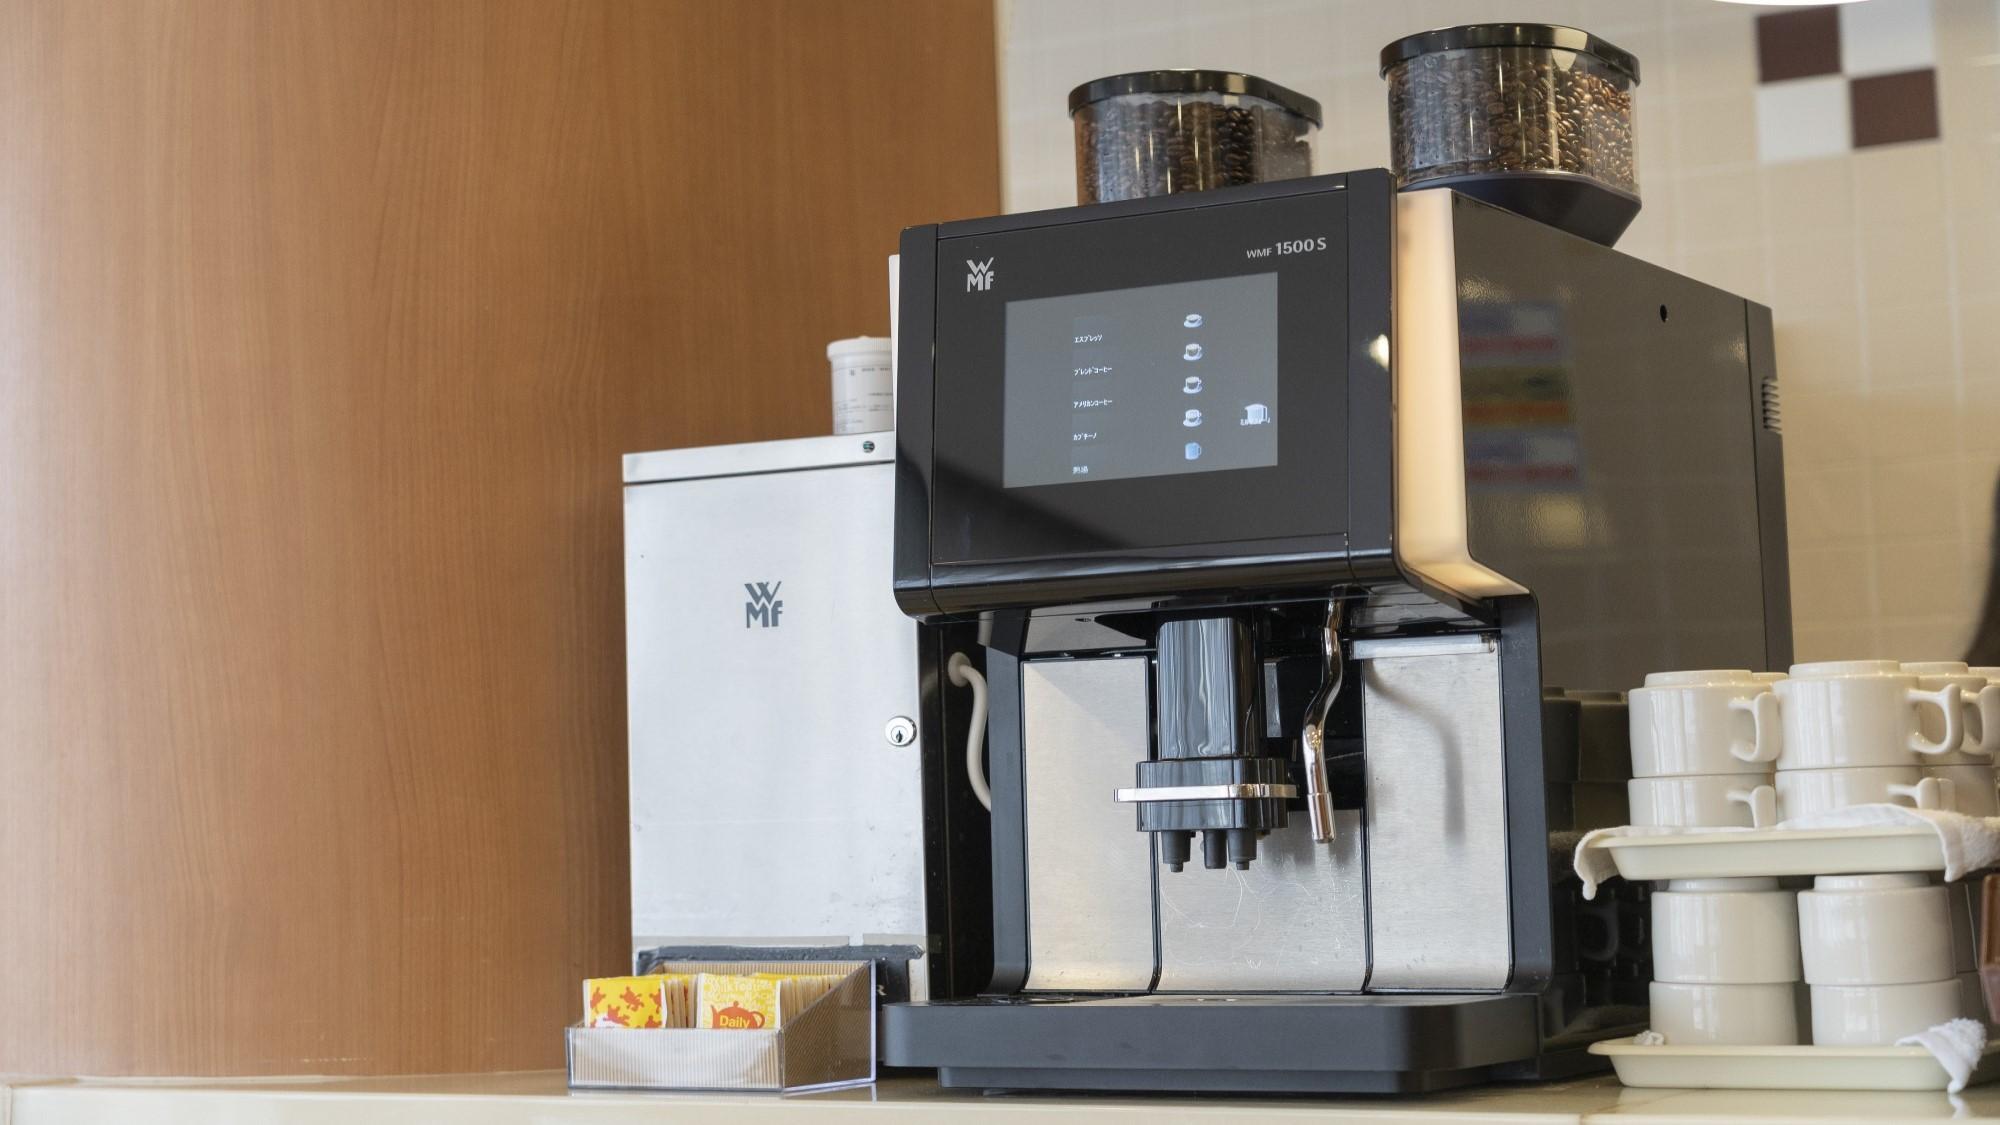 無料コーヒー WMF社製のコーヒマシンです。ブレンド、アメリカン、カプチーノがご利用いただけます。